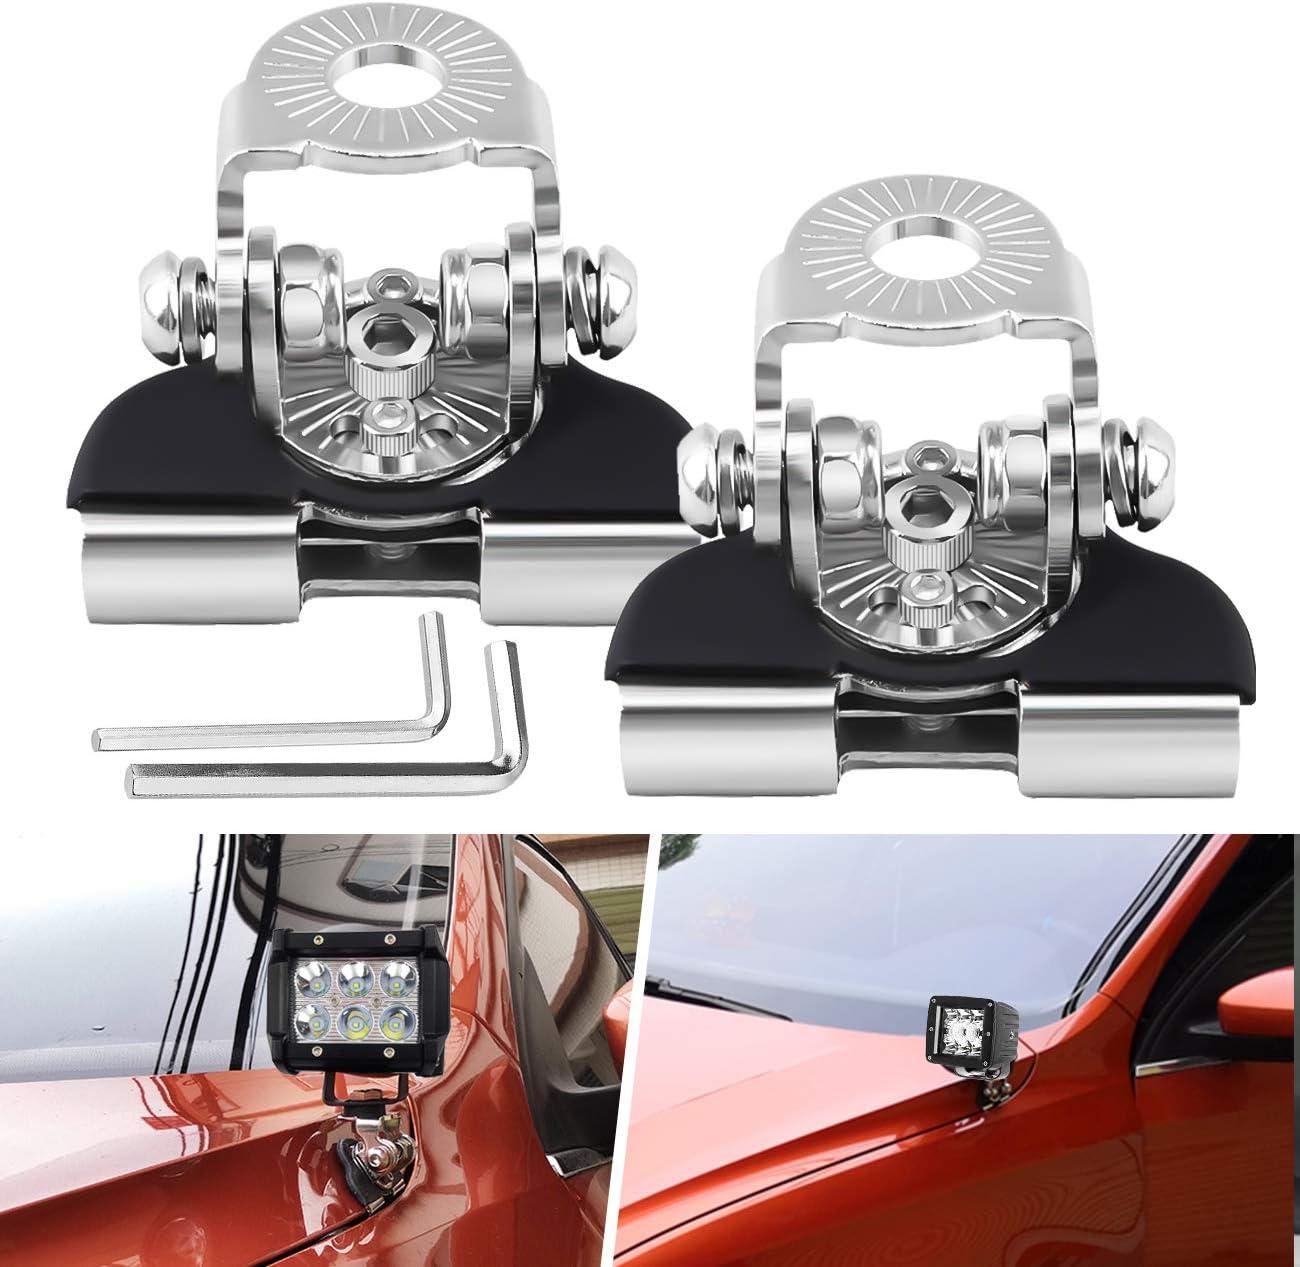 2Pcs Work Light Bracket,Universal Stainless Steel Car Hood LED Work Light Bracket Off Road Work Lamp Mount Holder